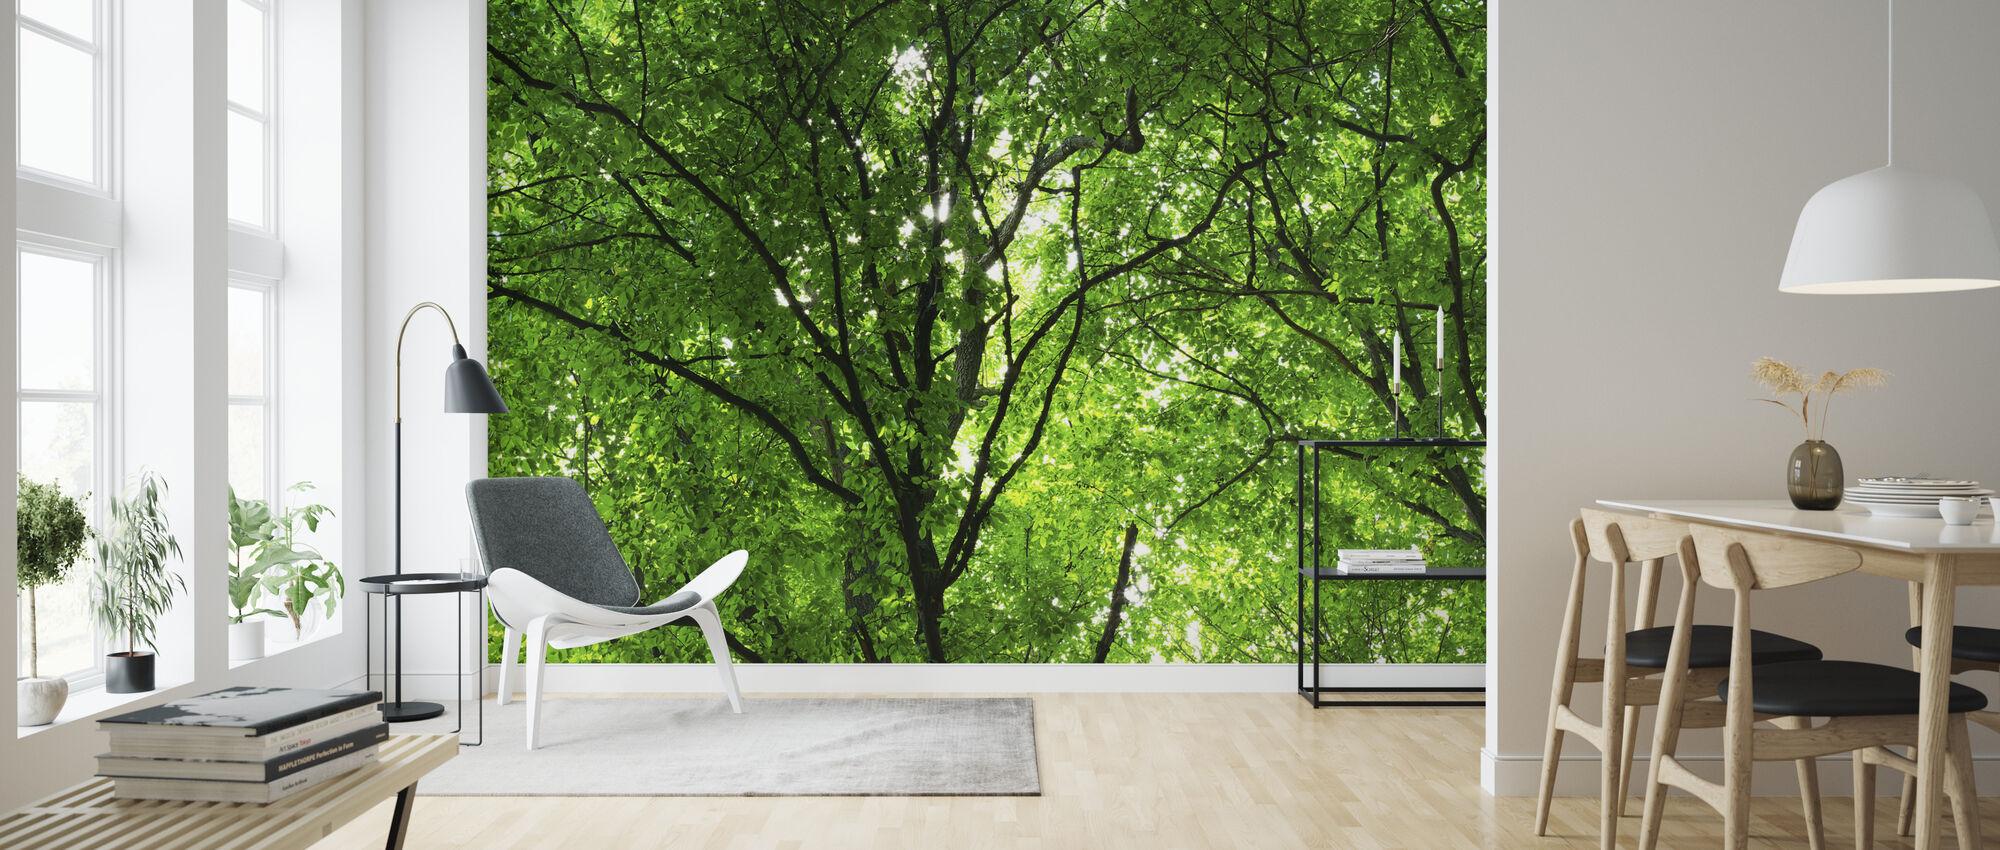 Groene Bos in het voorjaar - Behang - Woonkamer